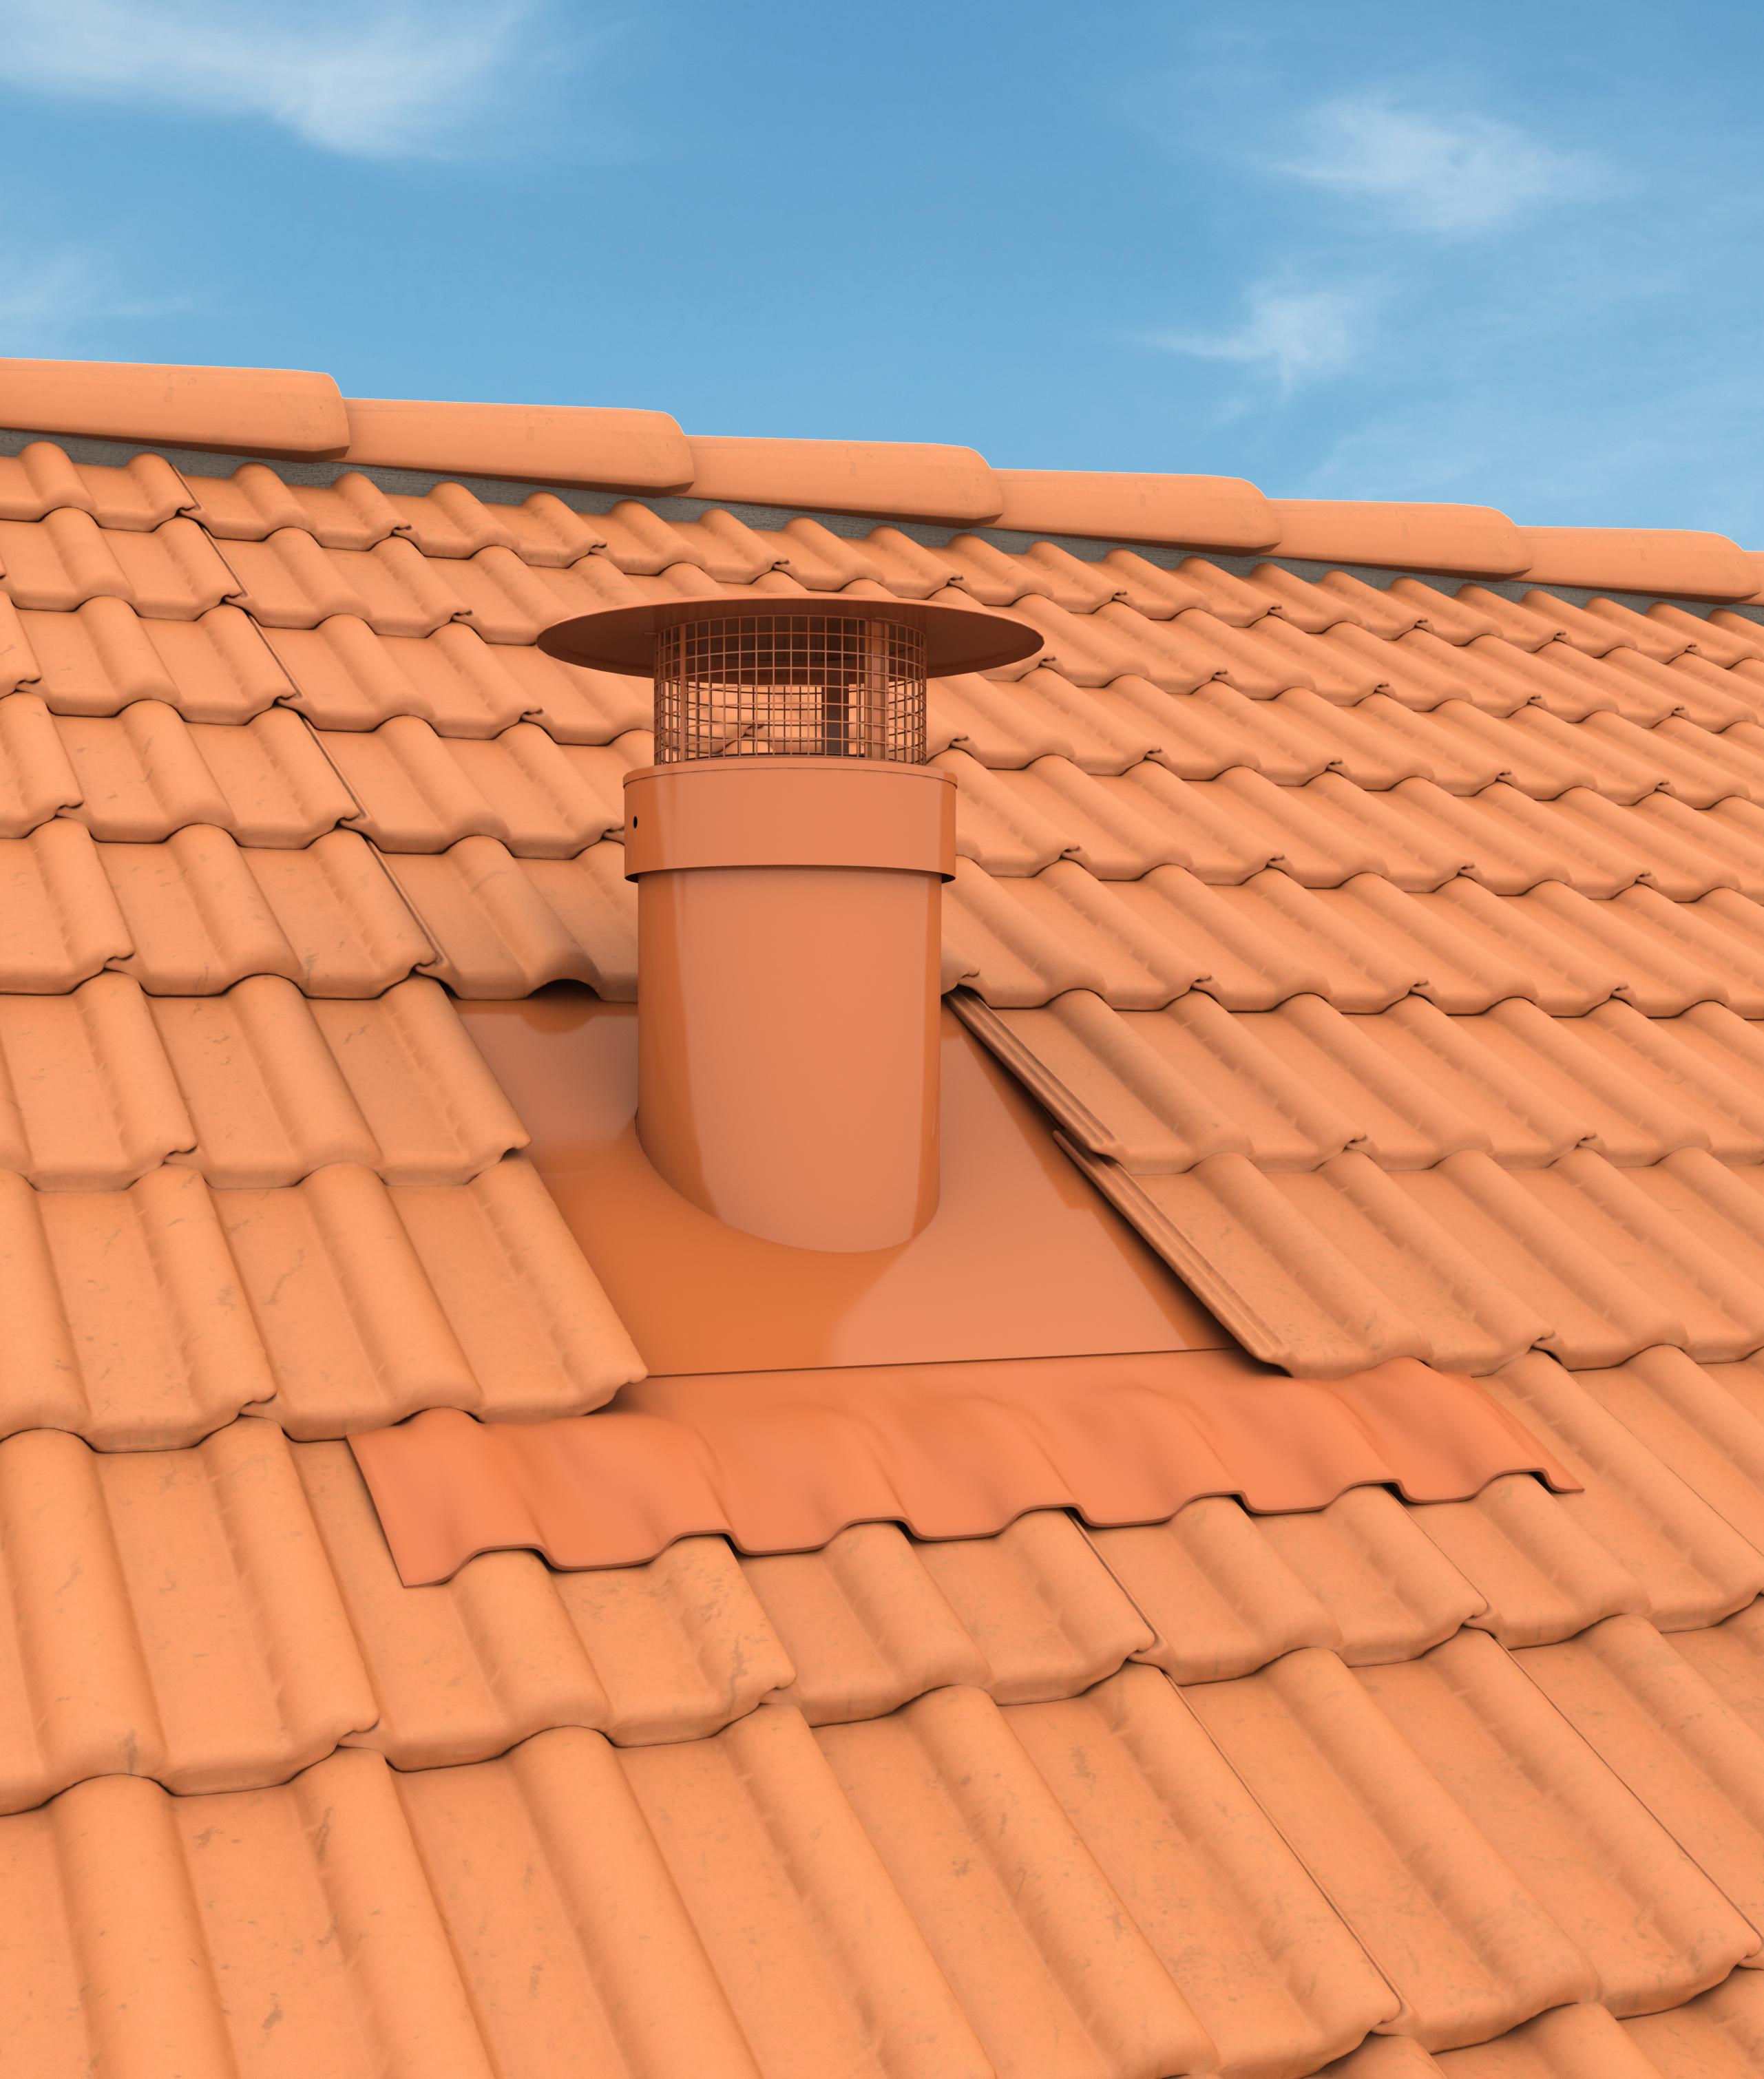 Vmc sans sortie de toit